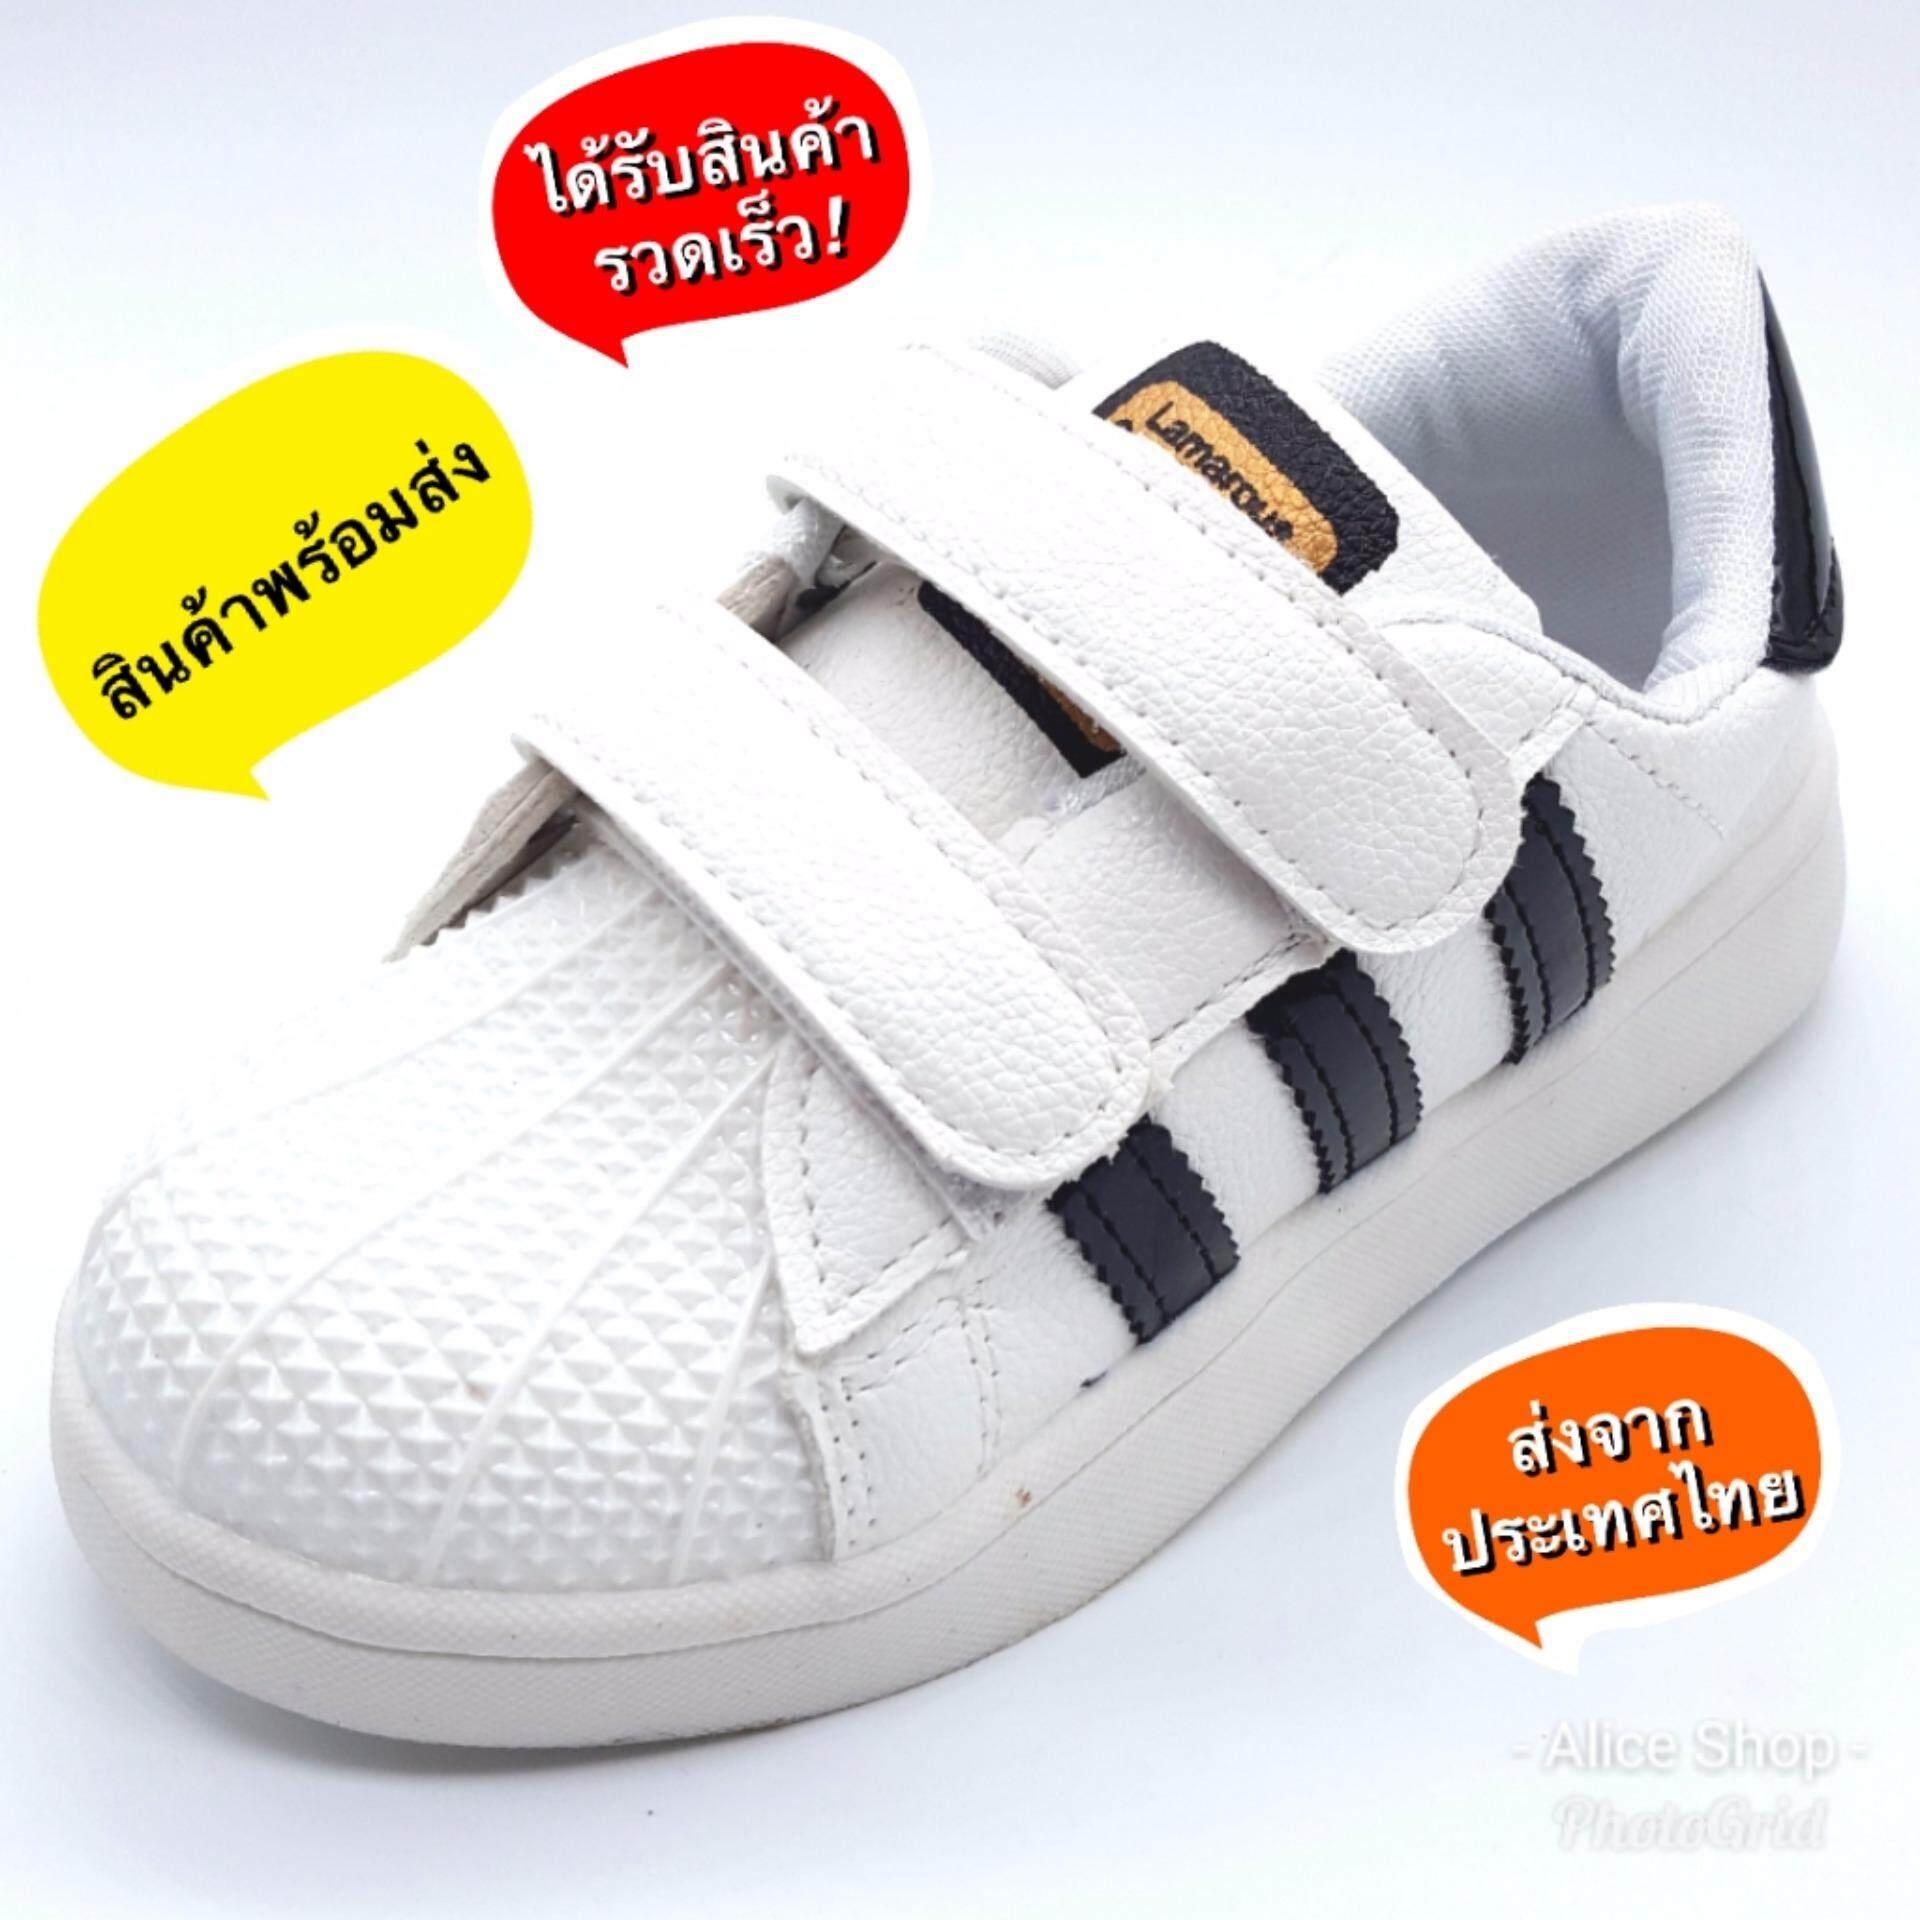 ซื้อ Alice Shoe รองเท้าผ้าใบ แฟชั่นเด็กผู้ชาย และ ผู้หญิง รุ่น Skl096 Bk สีดำ